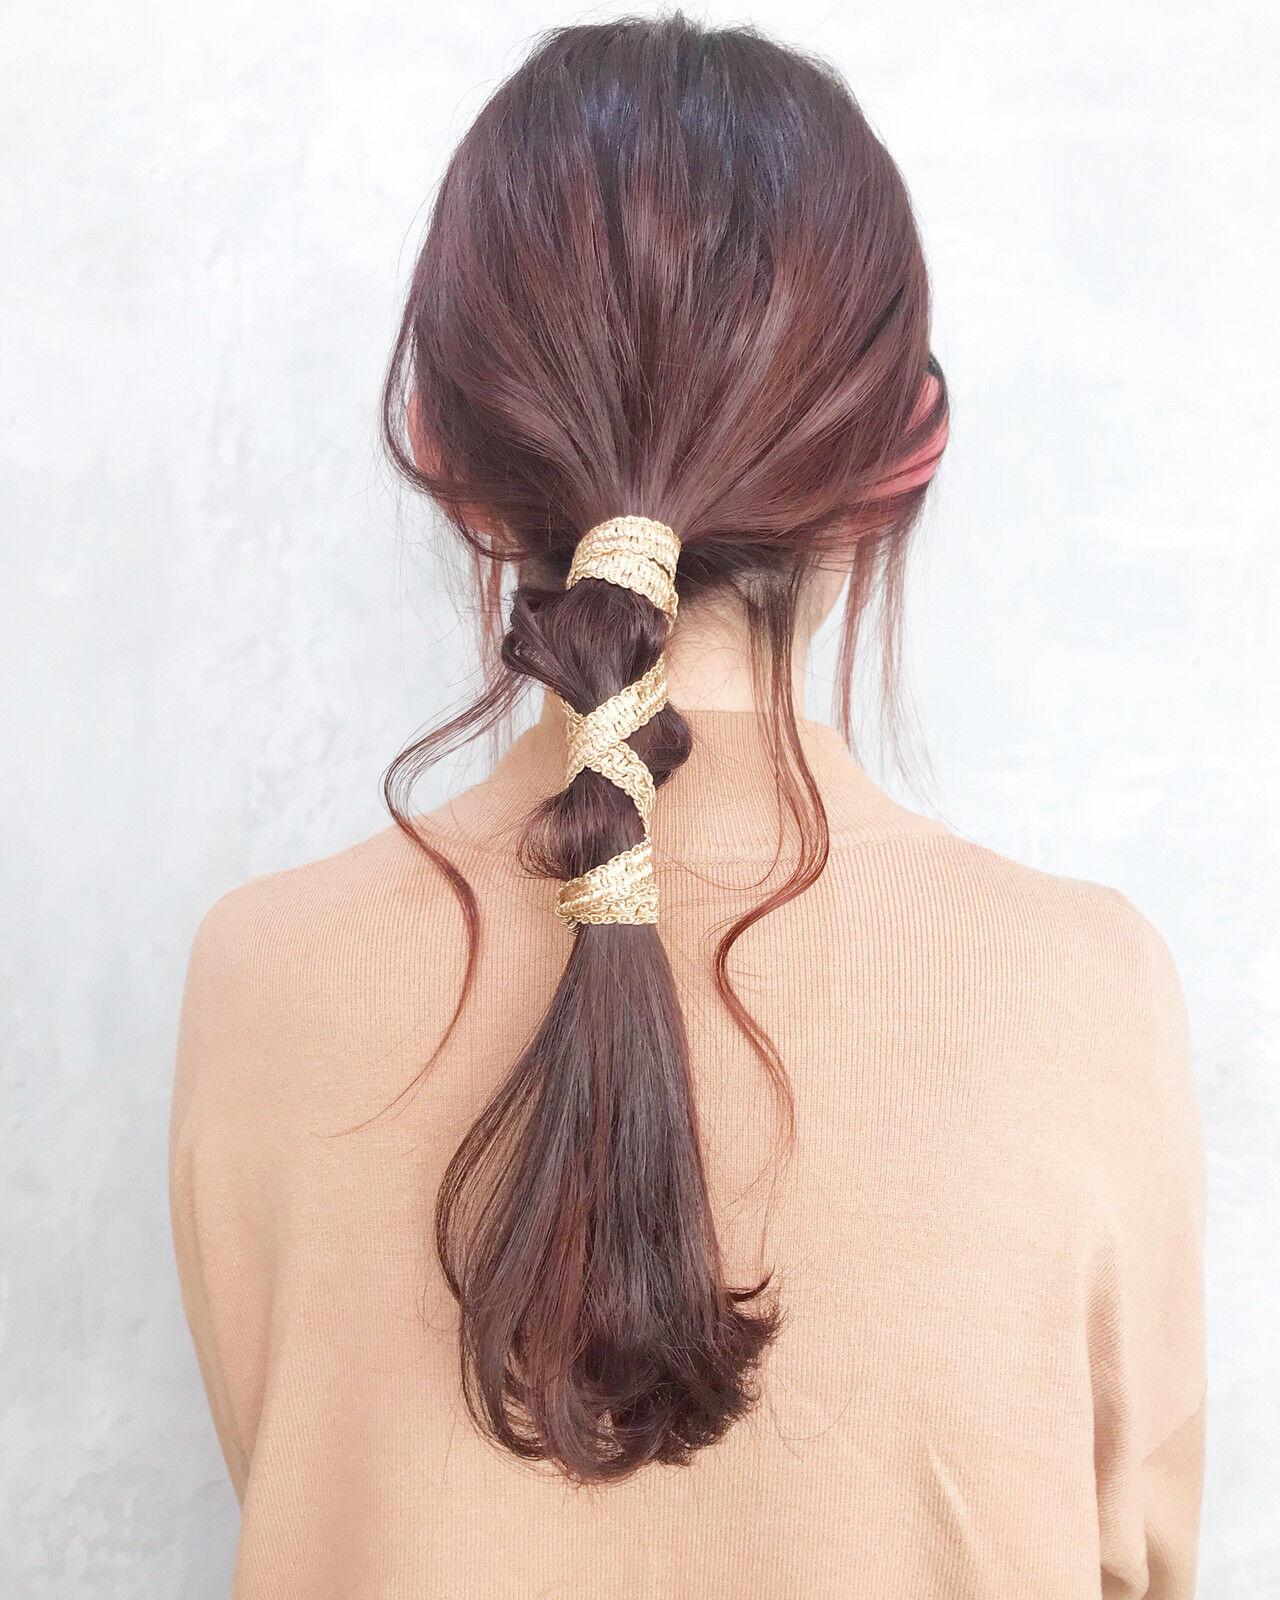 ヘアアレンジ 結婚式 オフィス フェミニンヘアスタイルや髪型の写真・画像